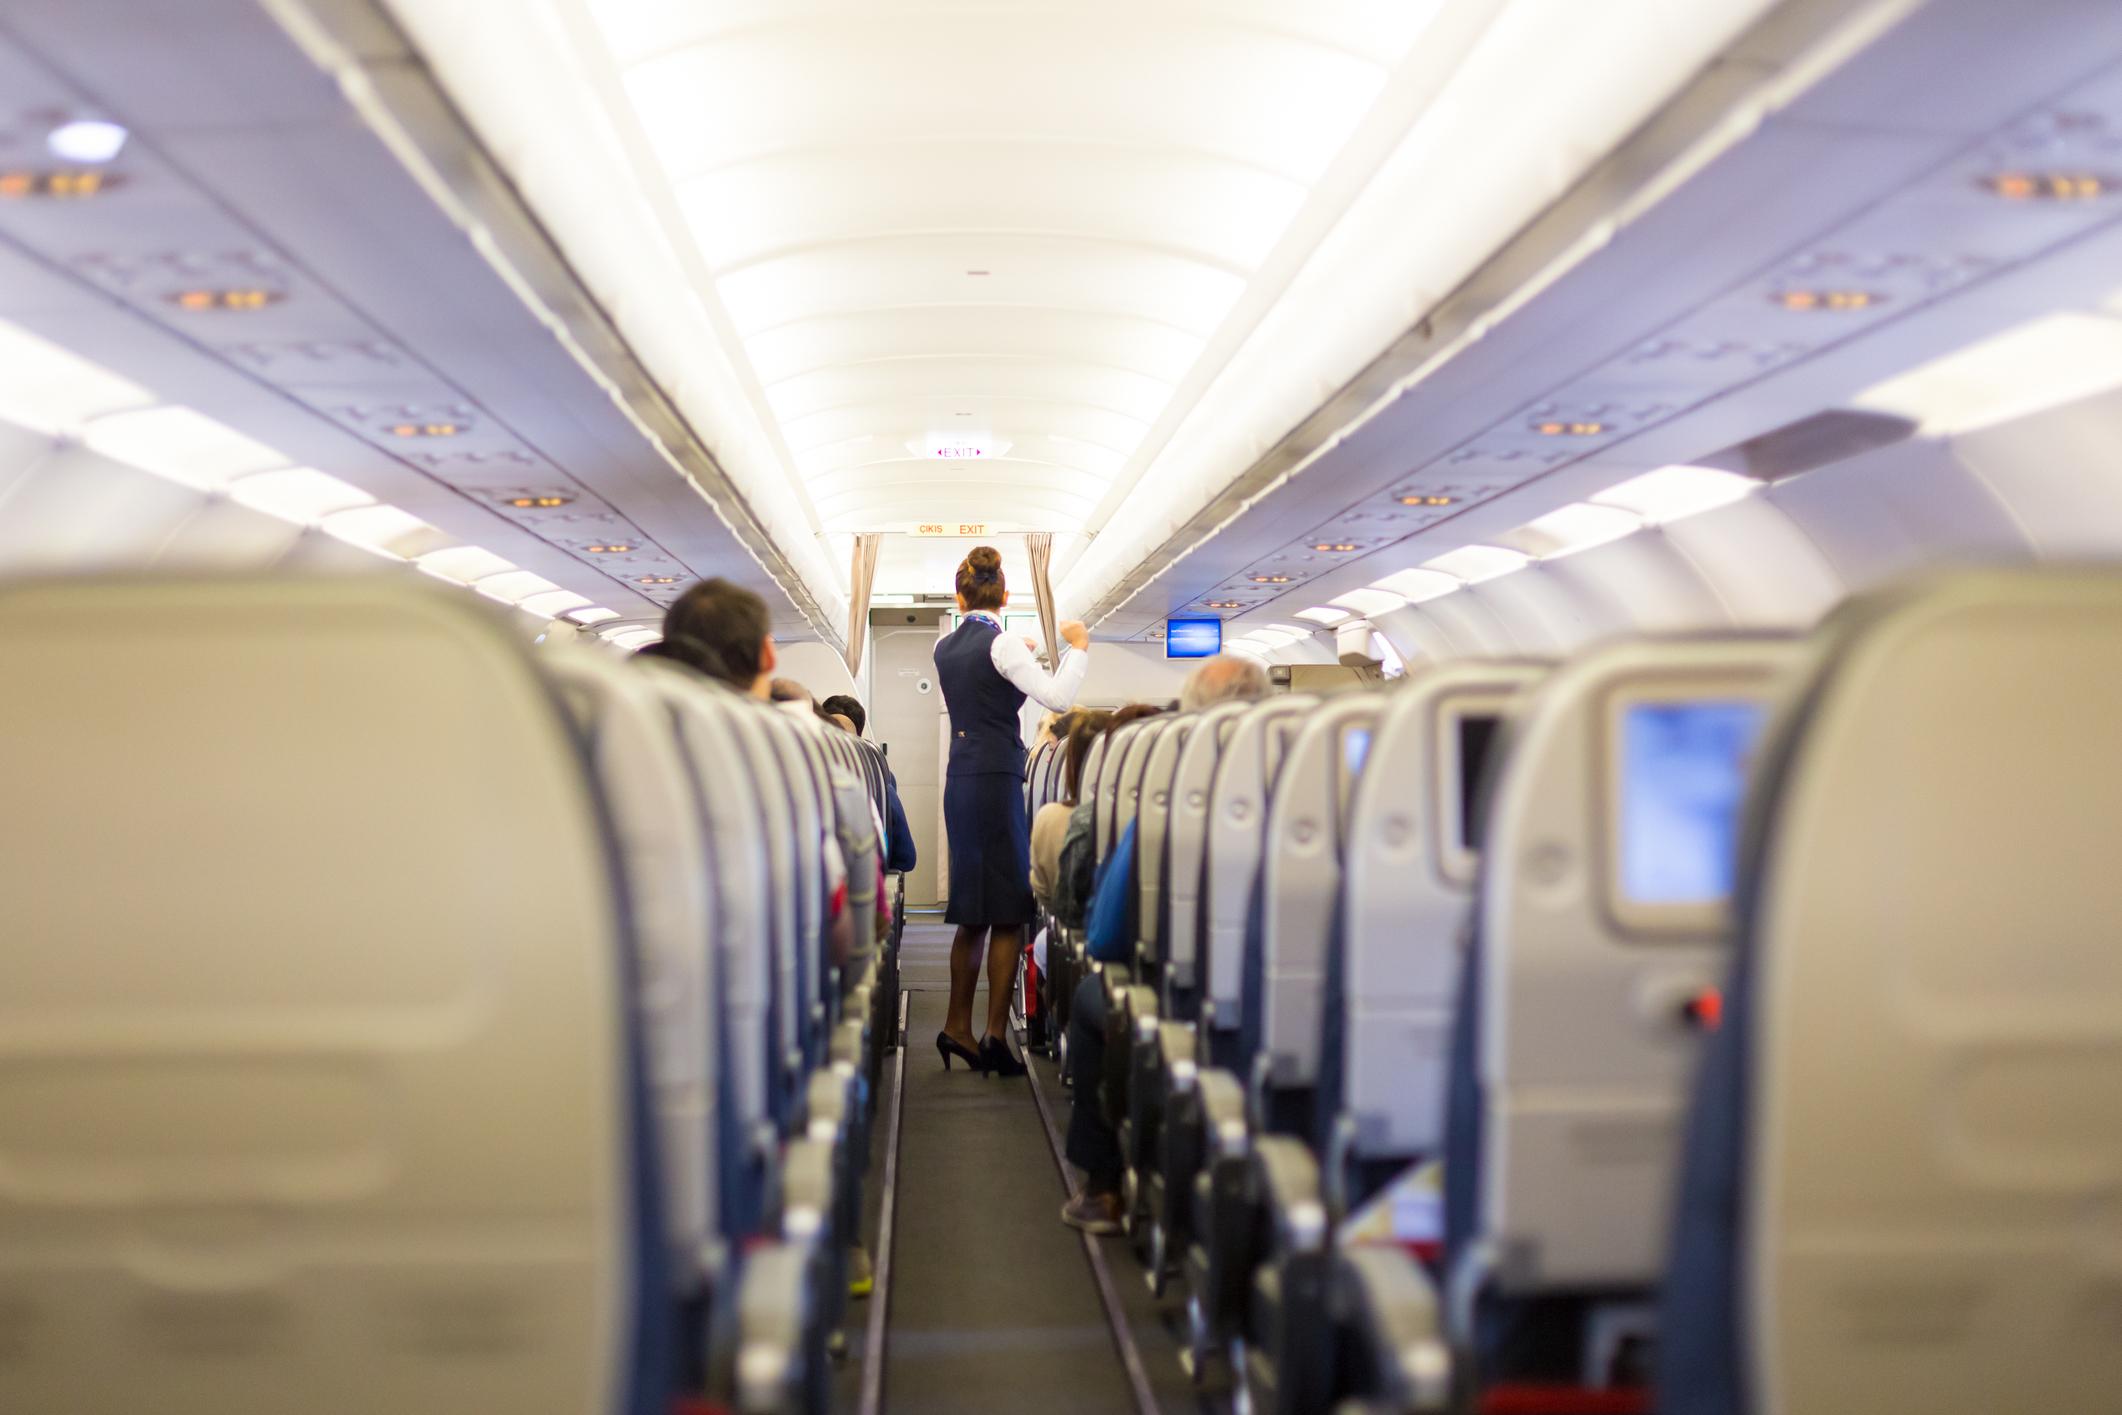 Beteg elme: a péniszét mutogatta az utasoknak egy férfi a repülőn